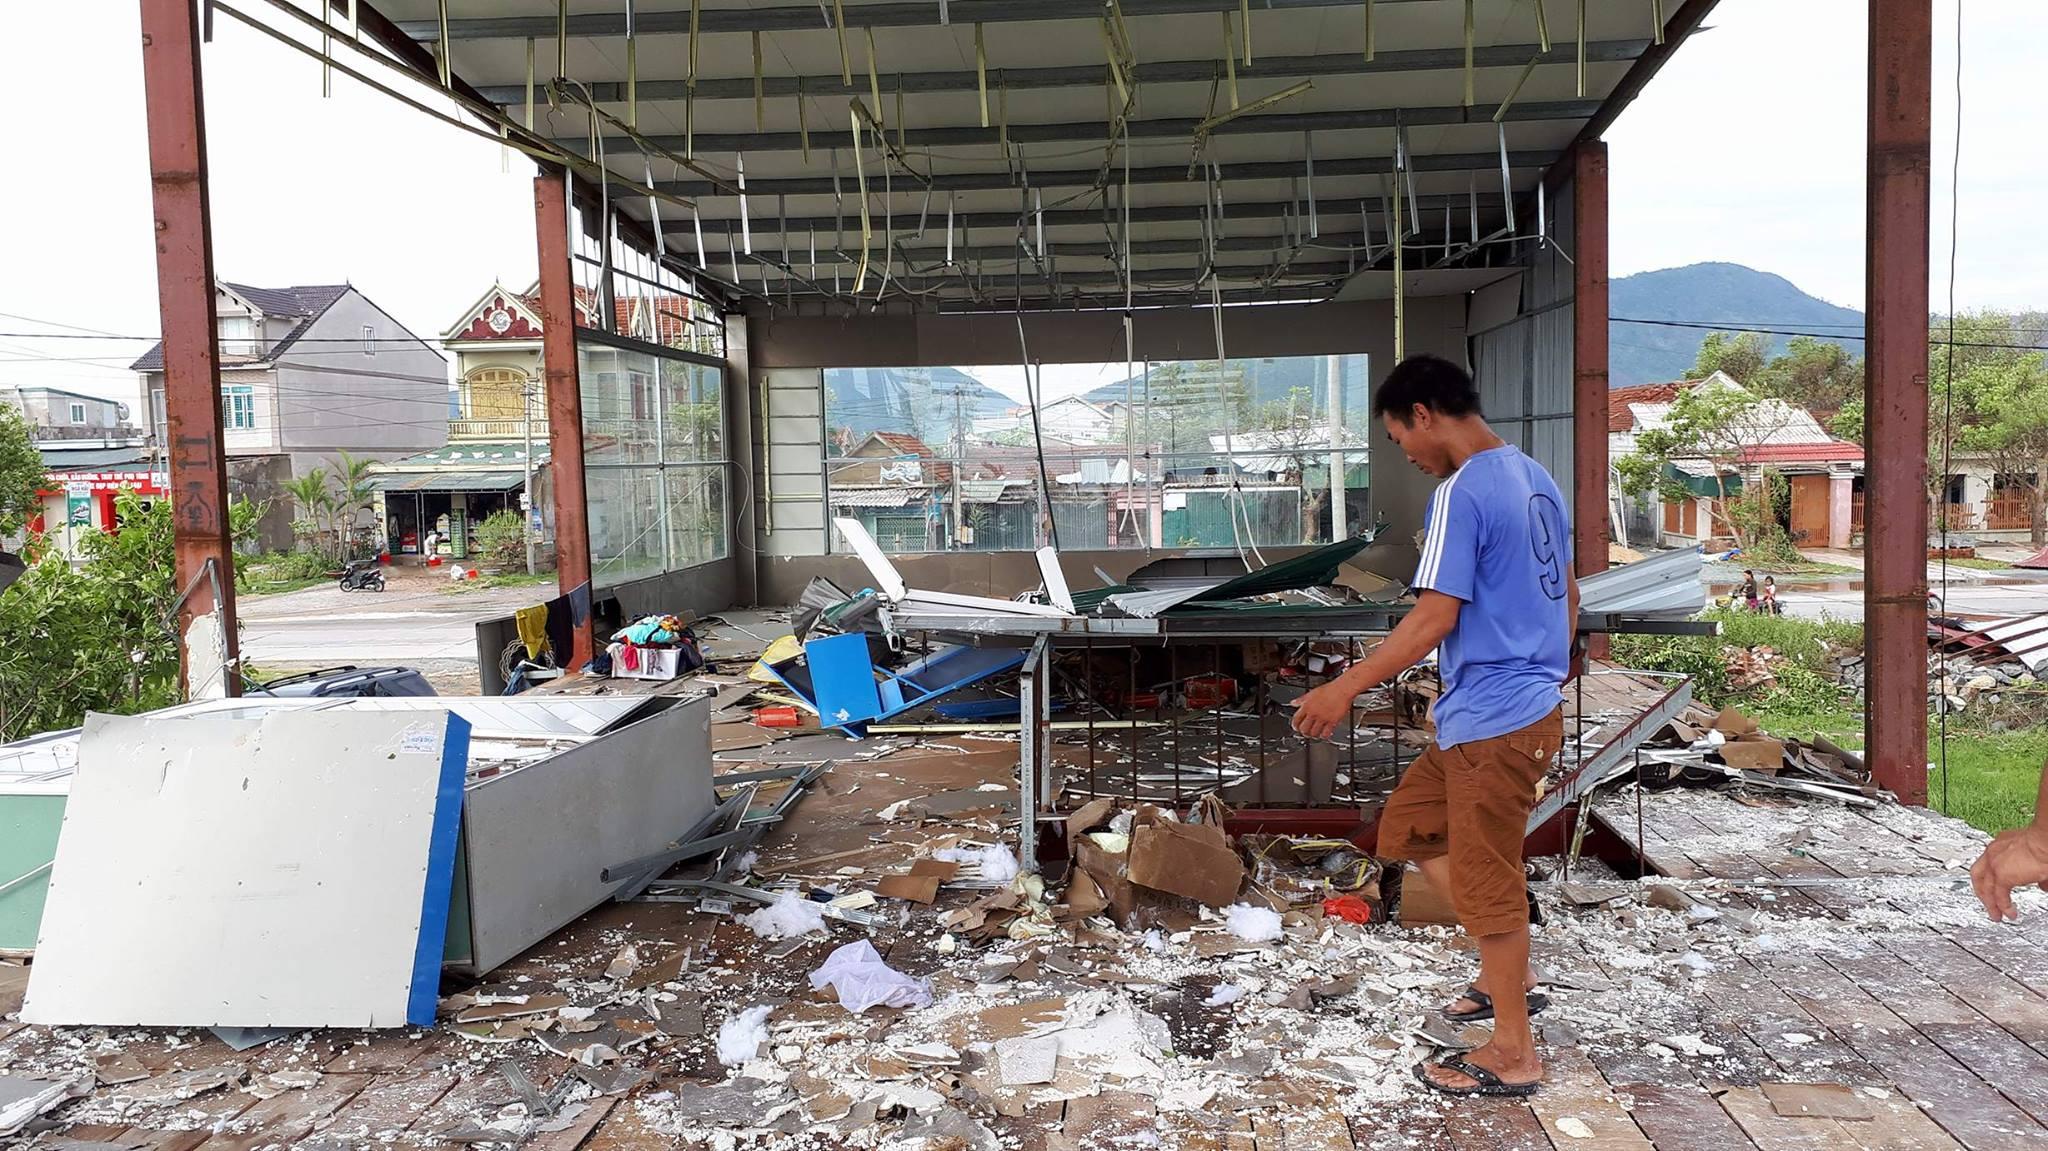 Thủ tướng đến Hà Tĩnh chỉ đạo khắc phục hậu quả bão - Ảnh 2.